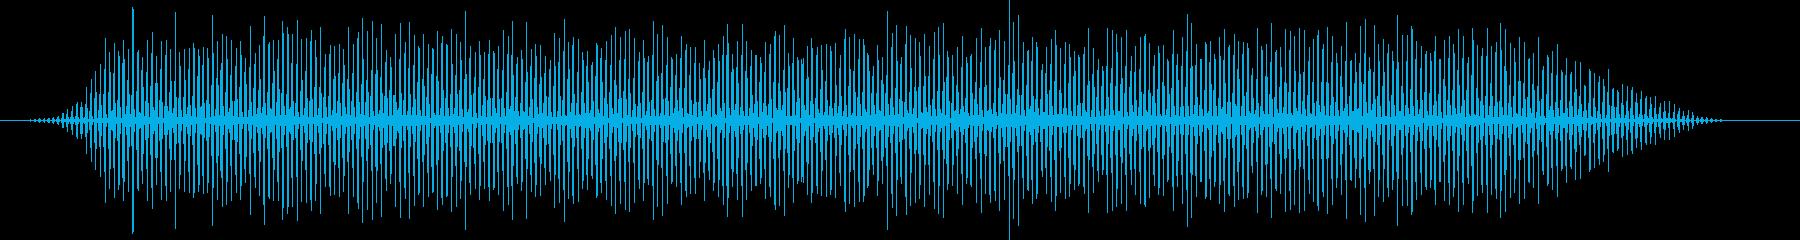 映画風のヘリコプター・バタバタ・効果音の再生済みの波形